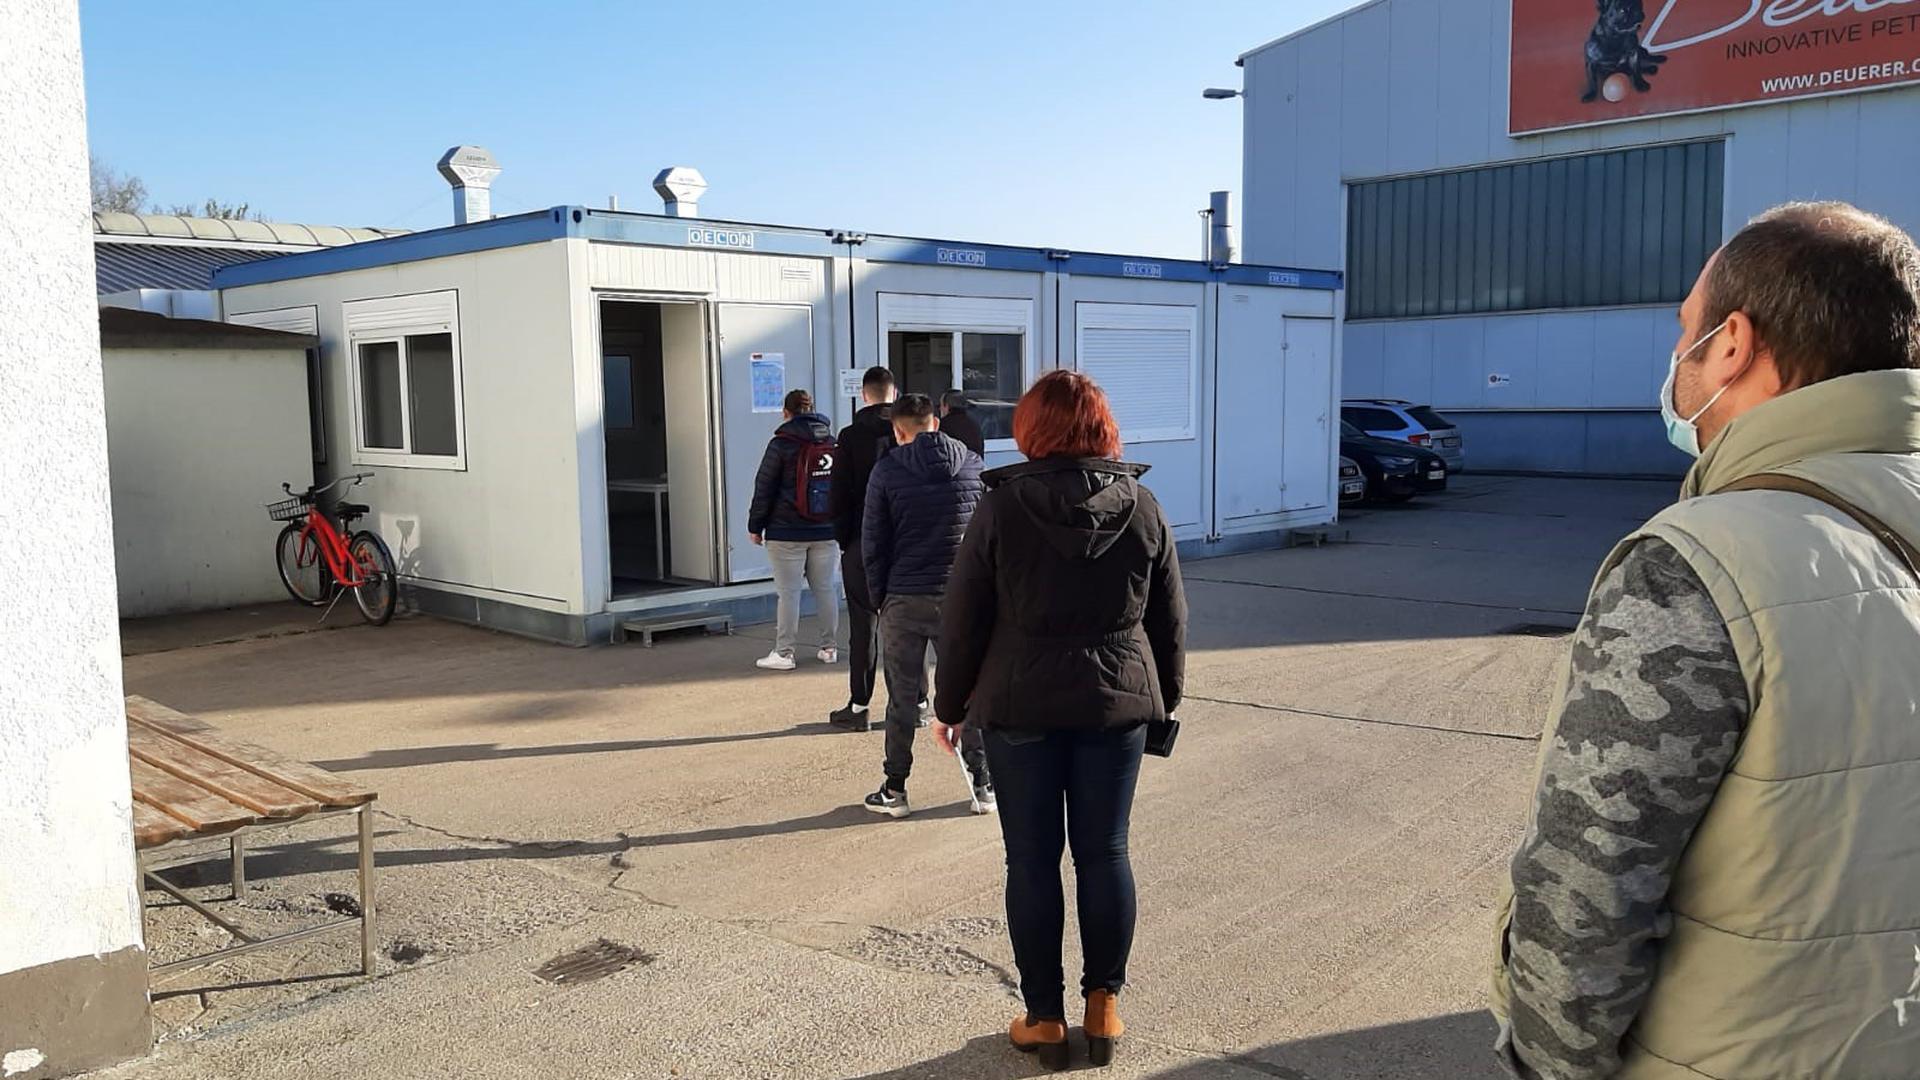 Männer und Frauen stehen vor einem Container an.